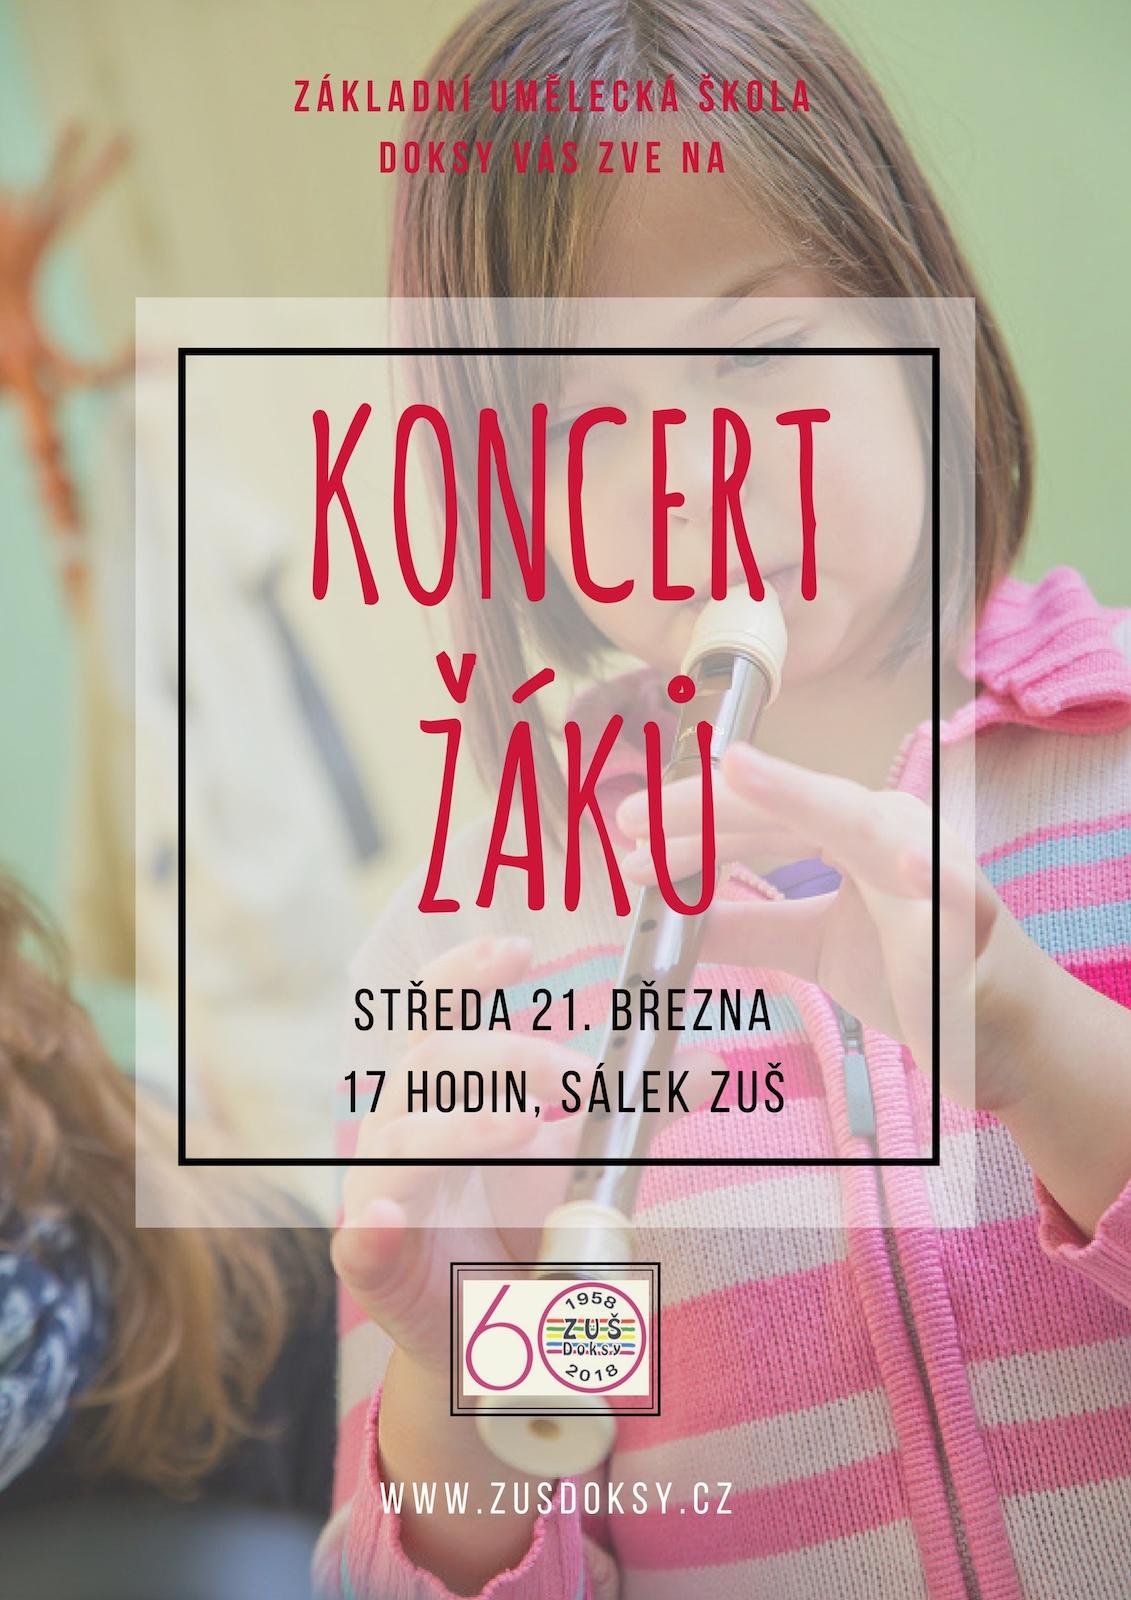 Pozvánka na koncert žáků